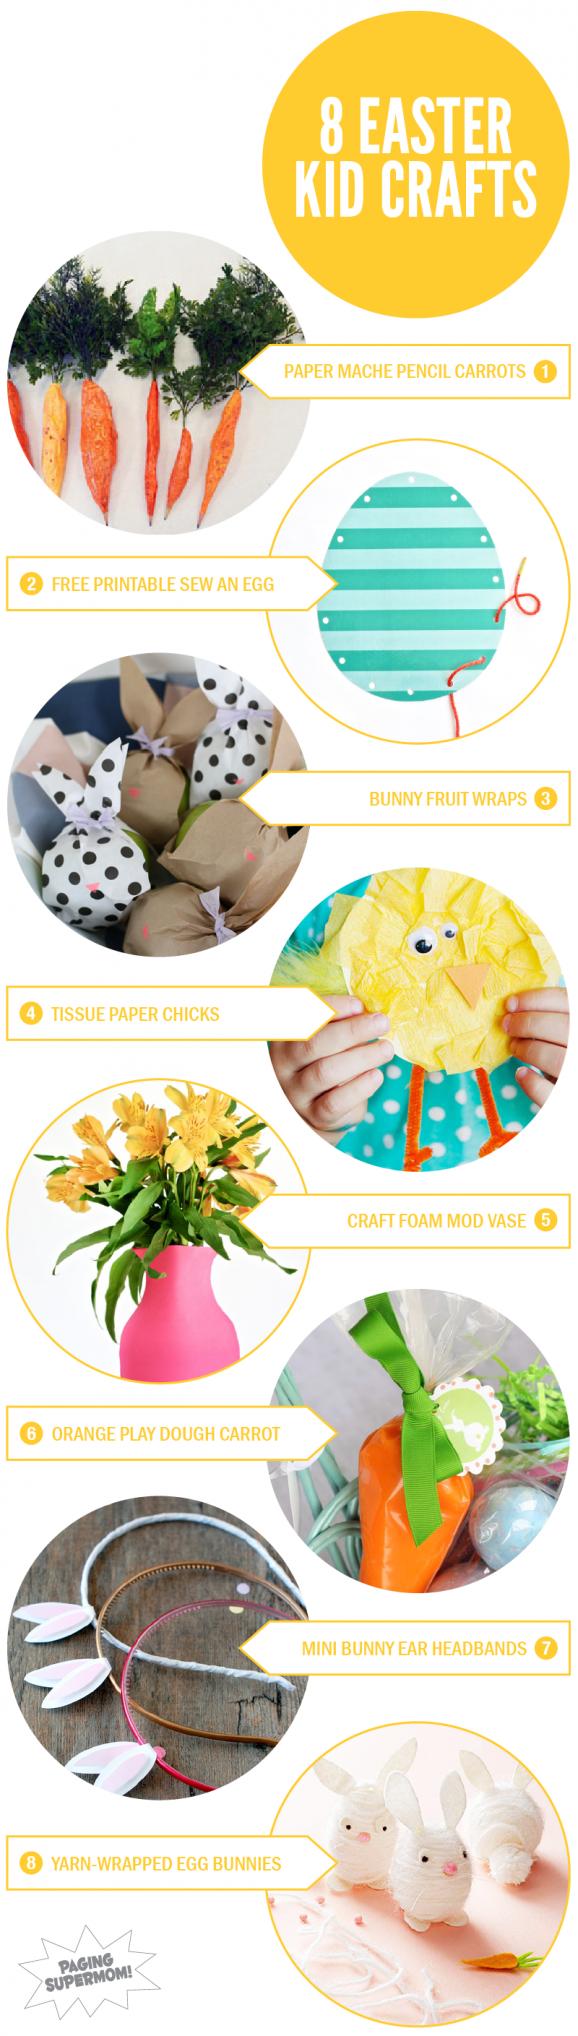 8 Easter Crafts for Kids via @PagingSupermom #kidscrafts #easter